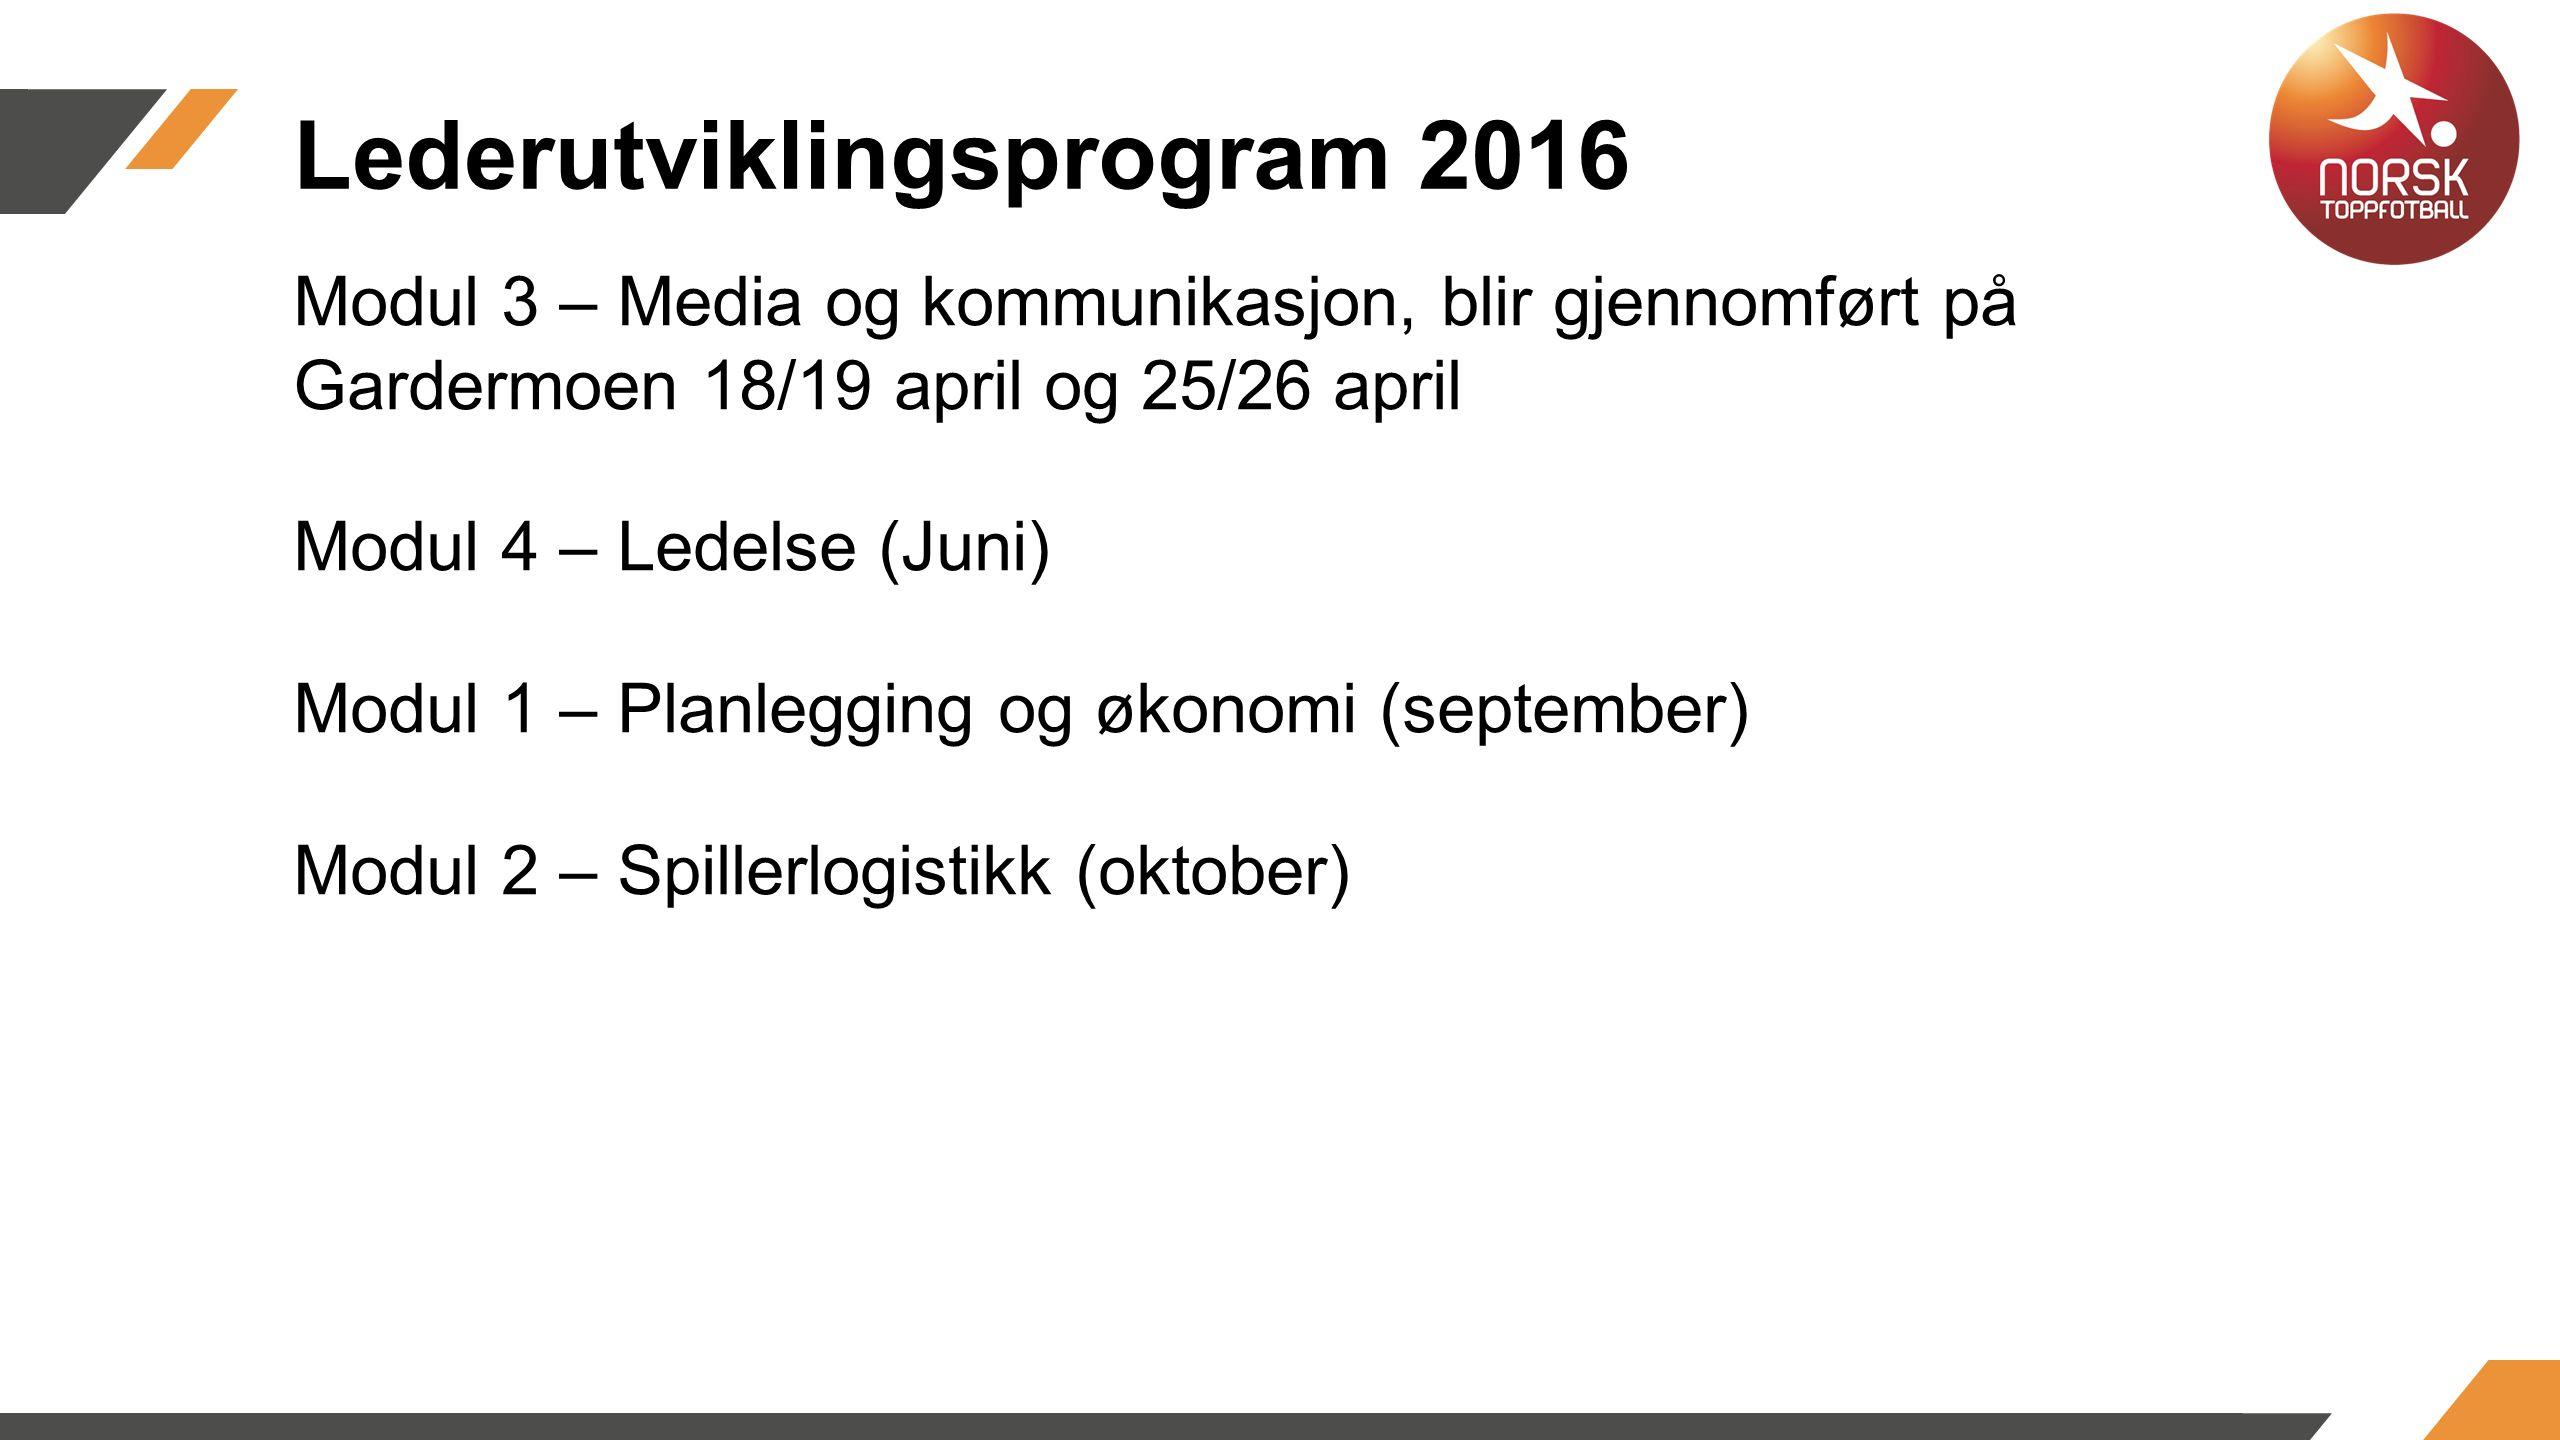 Modul 3 – Media og kommunikasjon, blir gjennomført på Gardermoen 18/19 april og 25/26 april Modul 4 – Ledelse (Juni) Modul 1 – Planlegging og økonomi (september) Modul 2 – Spillerlogistikk (oktober) Lederutviklingsprogram 2016